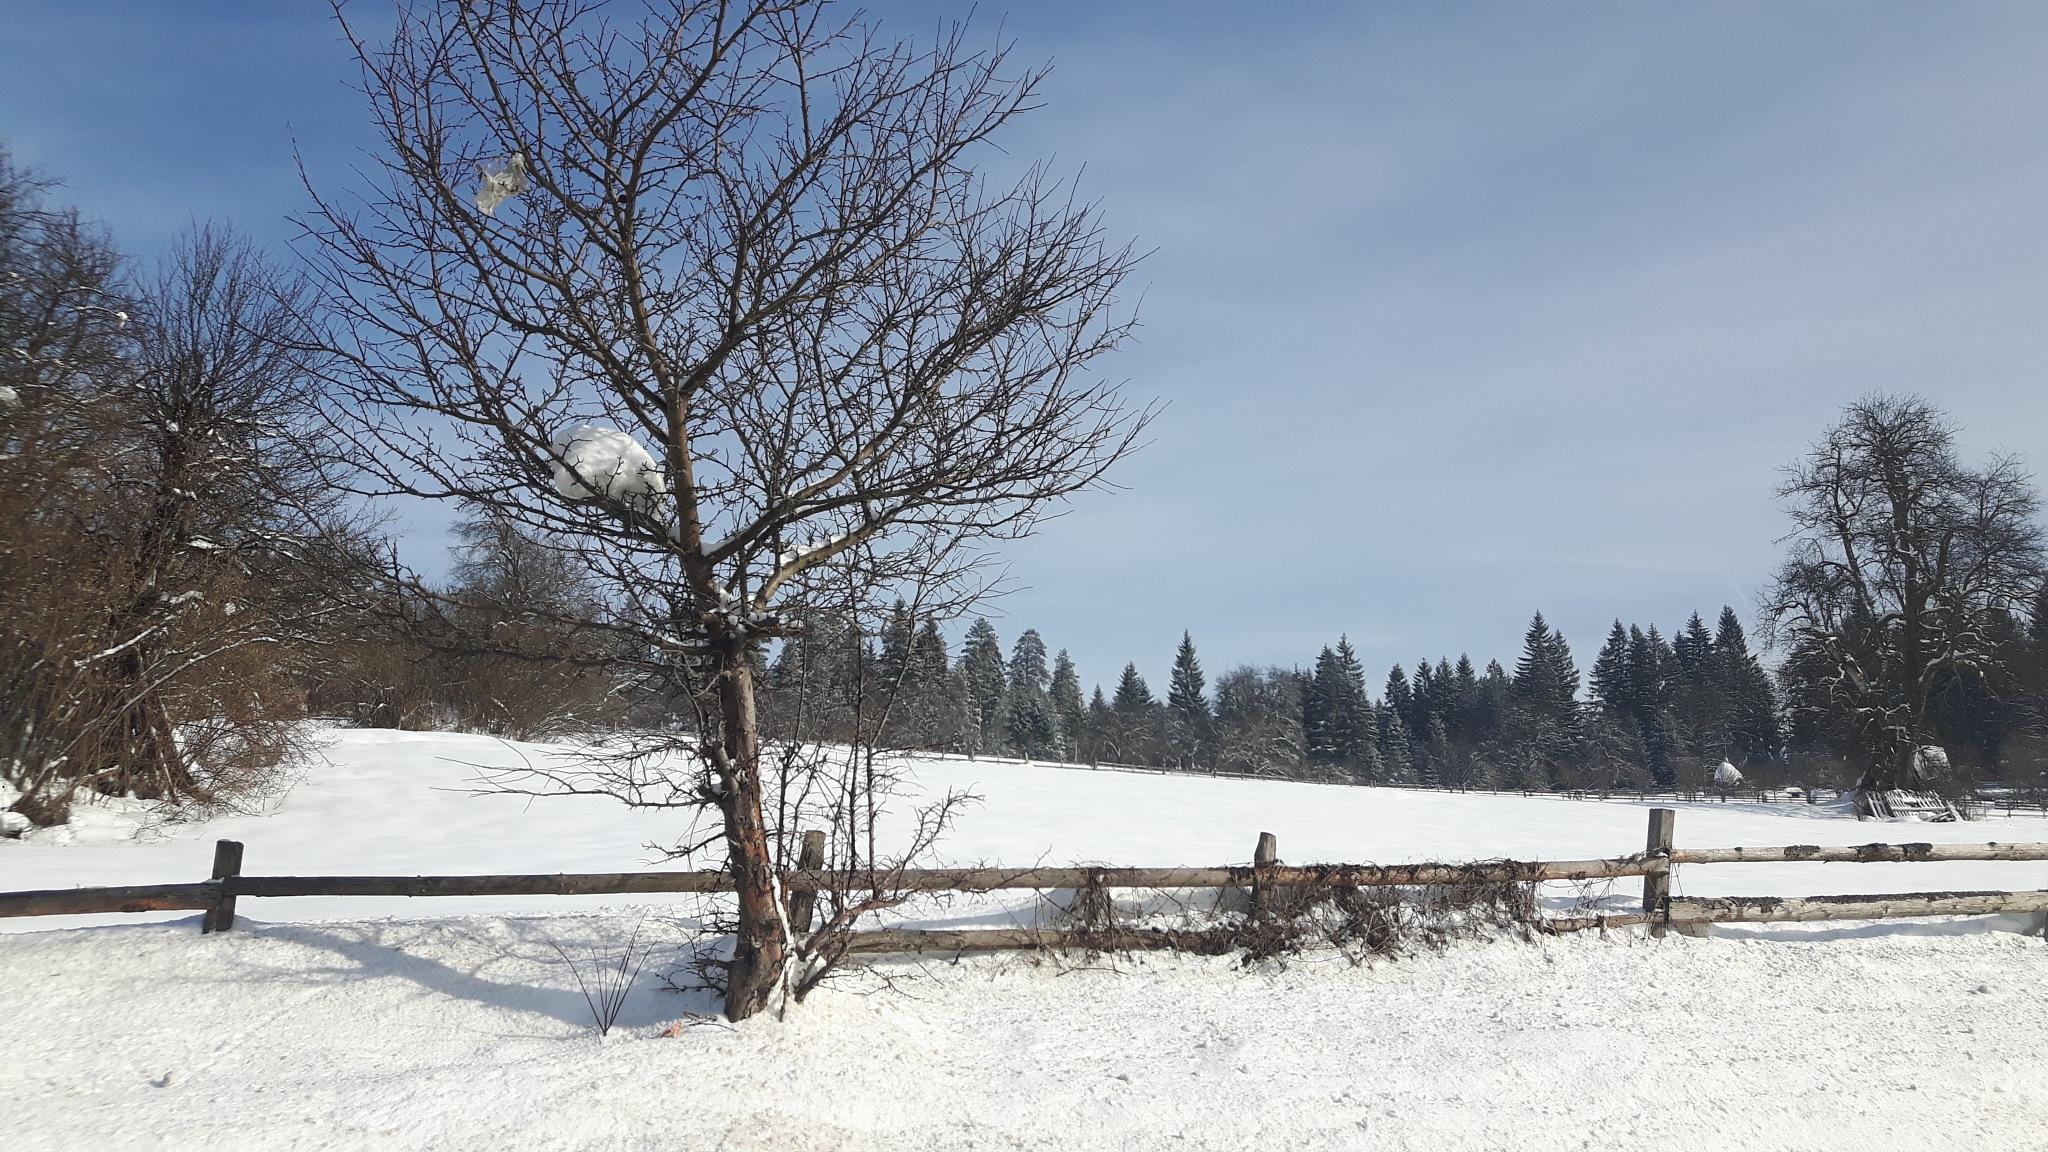 Winter in Bosnia by Mevludin_Hasanovic